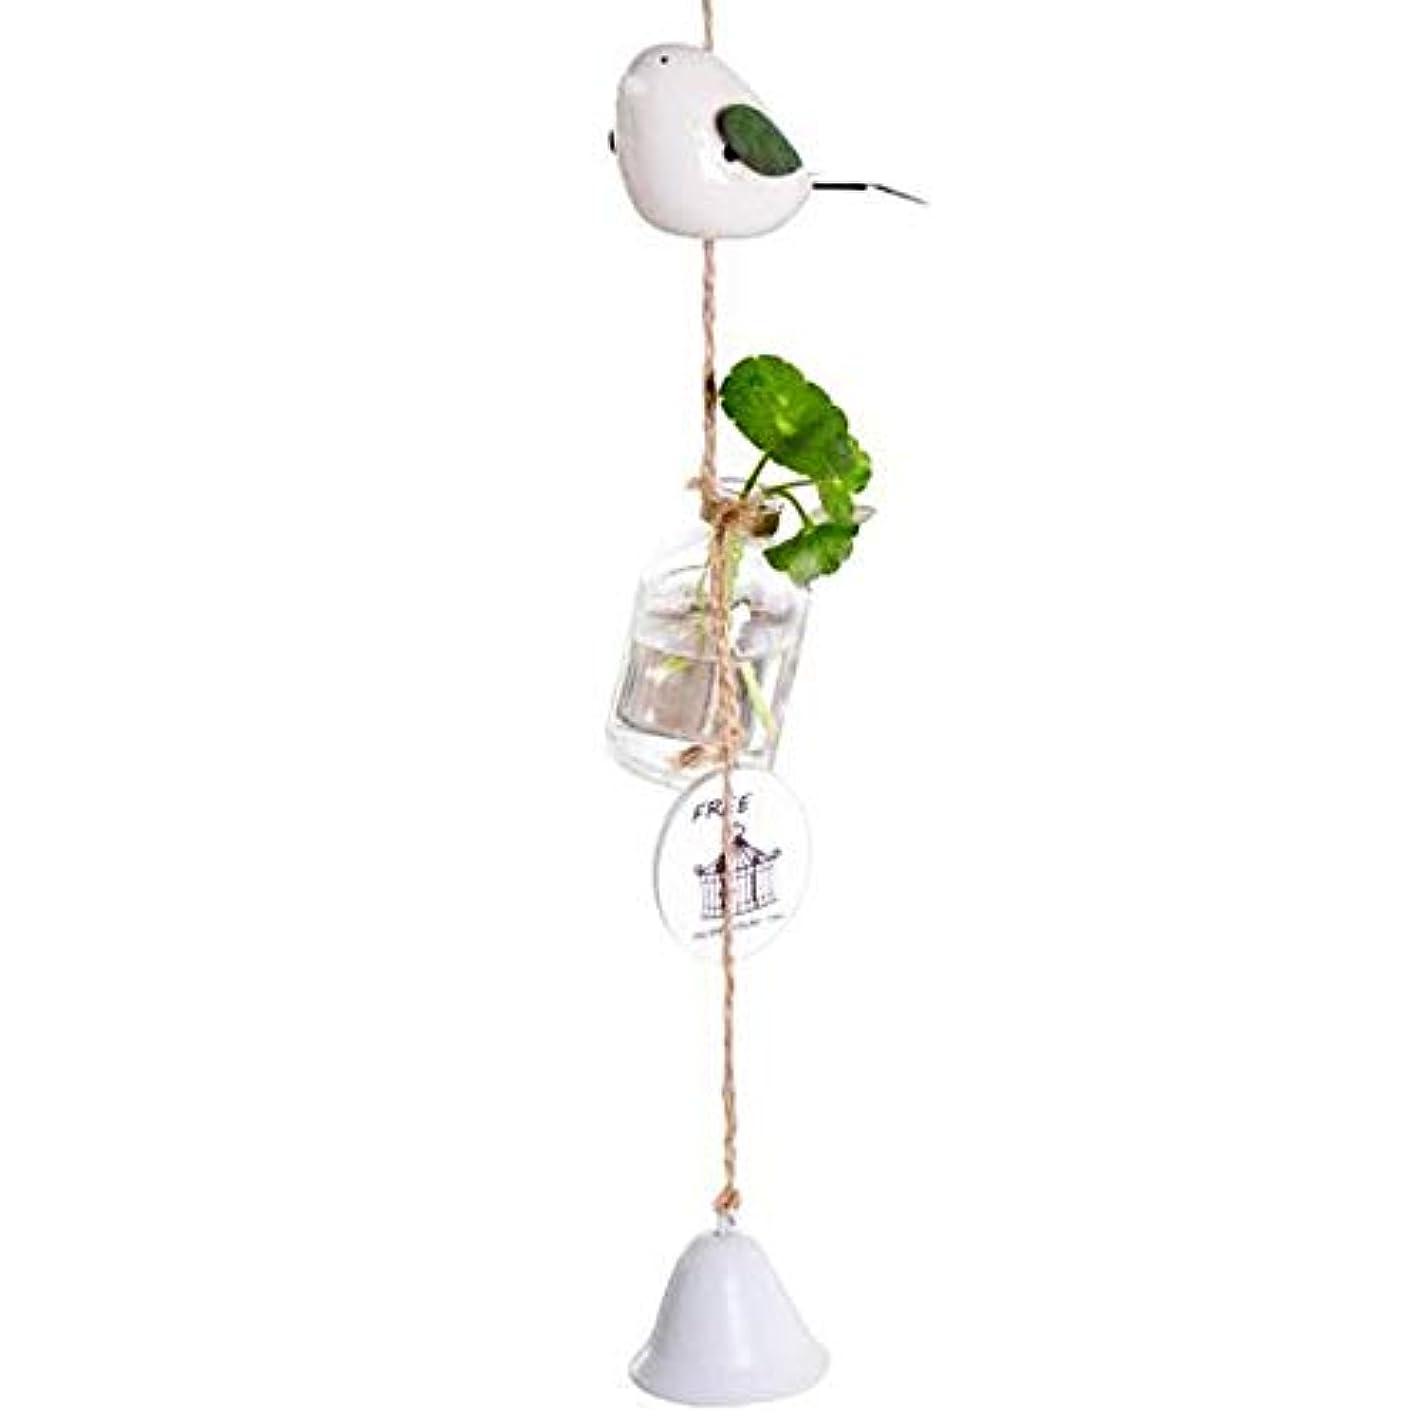 ミント主婦有名人Jingfengtongxun 風チャイム、クリエイティブ?グラス風チャイム、白、ロープの長さ63センチメートルボトル(なし植物),スタイリッシュなホリデーギフト (Color : White)